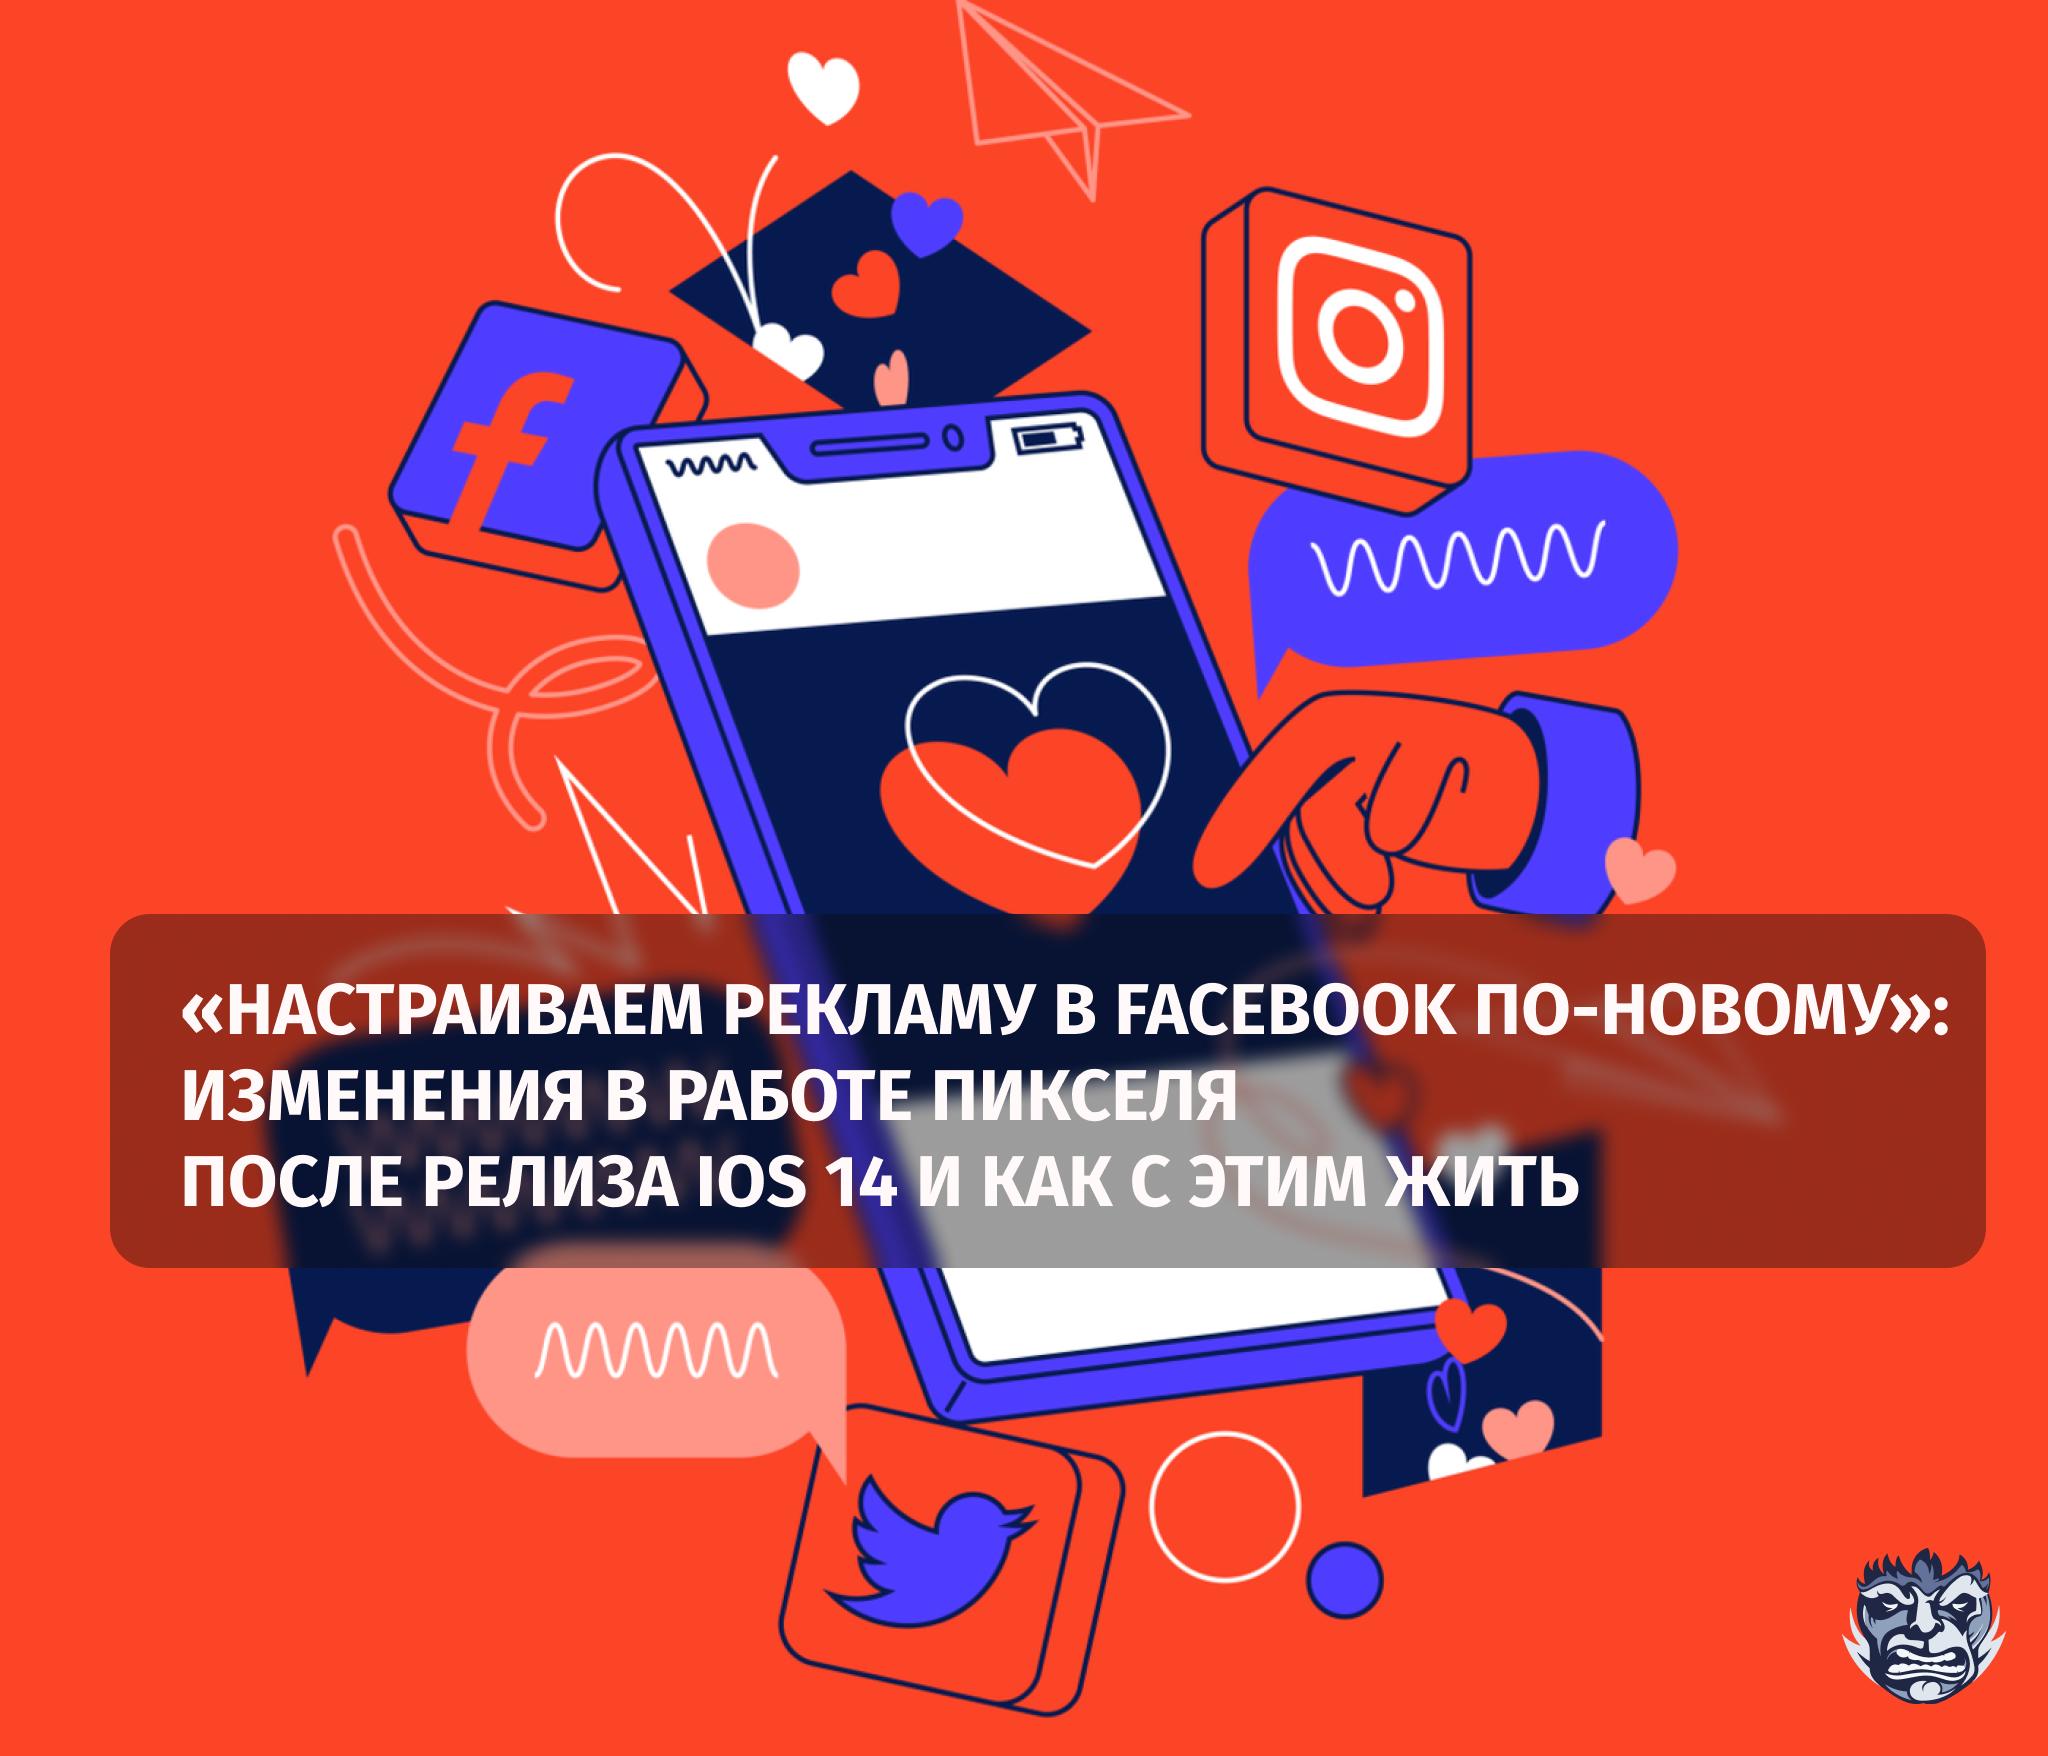 Что нужно сделать обязательно в ближайшее время в своем рекламном аккаунте Facebook